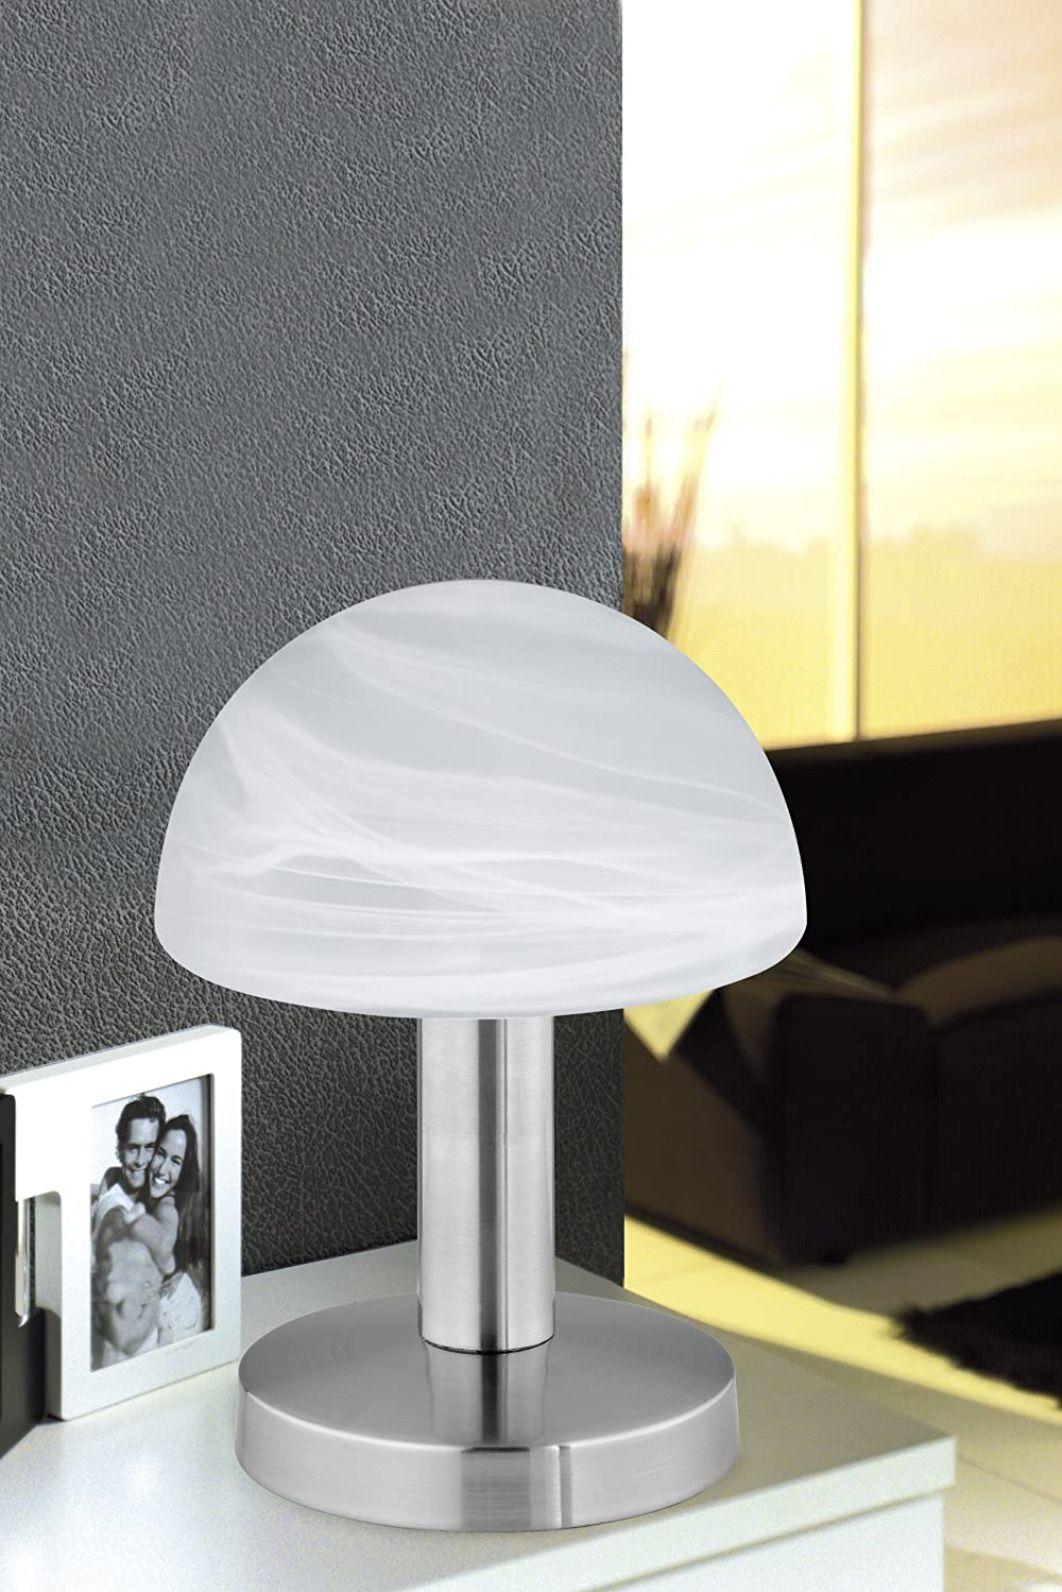 Nachttisch Lampe In 2020 Schone Lampen Tischleuchte Lampe